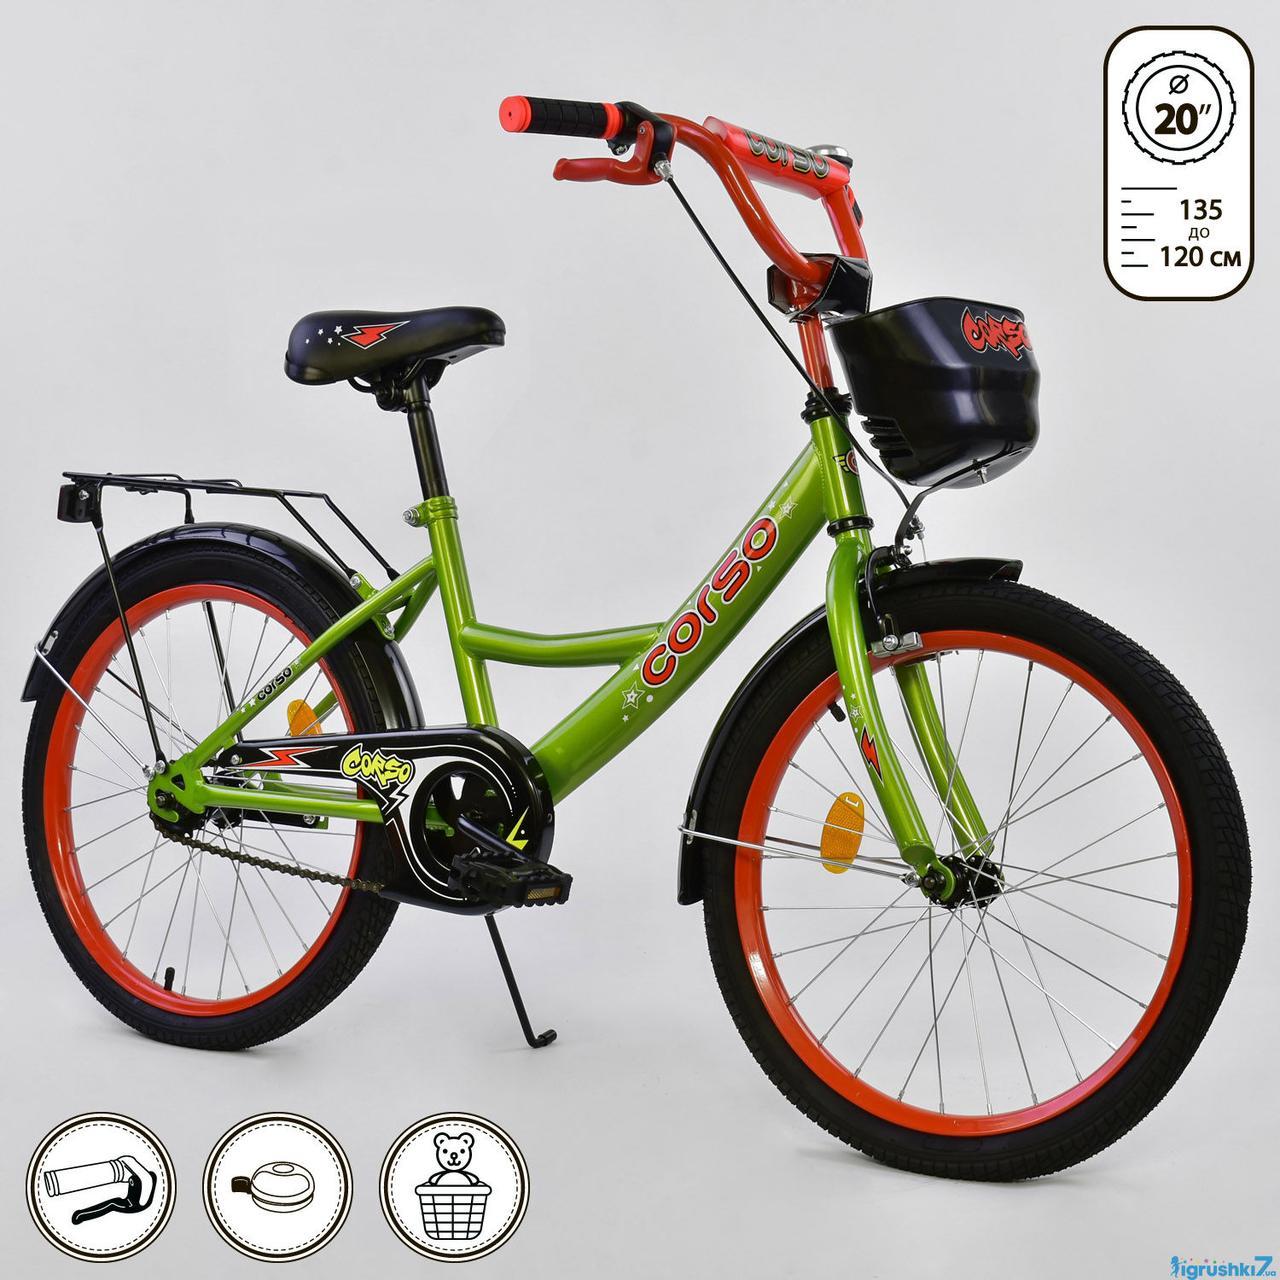 Детский двухколесный велосипед 20 дюймов корзинка крылья CORSO рост: 120-135 см акция